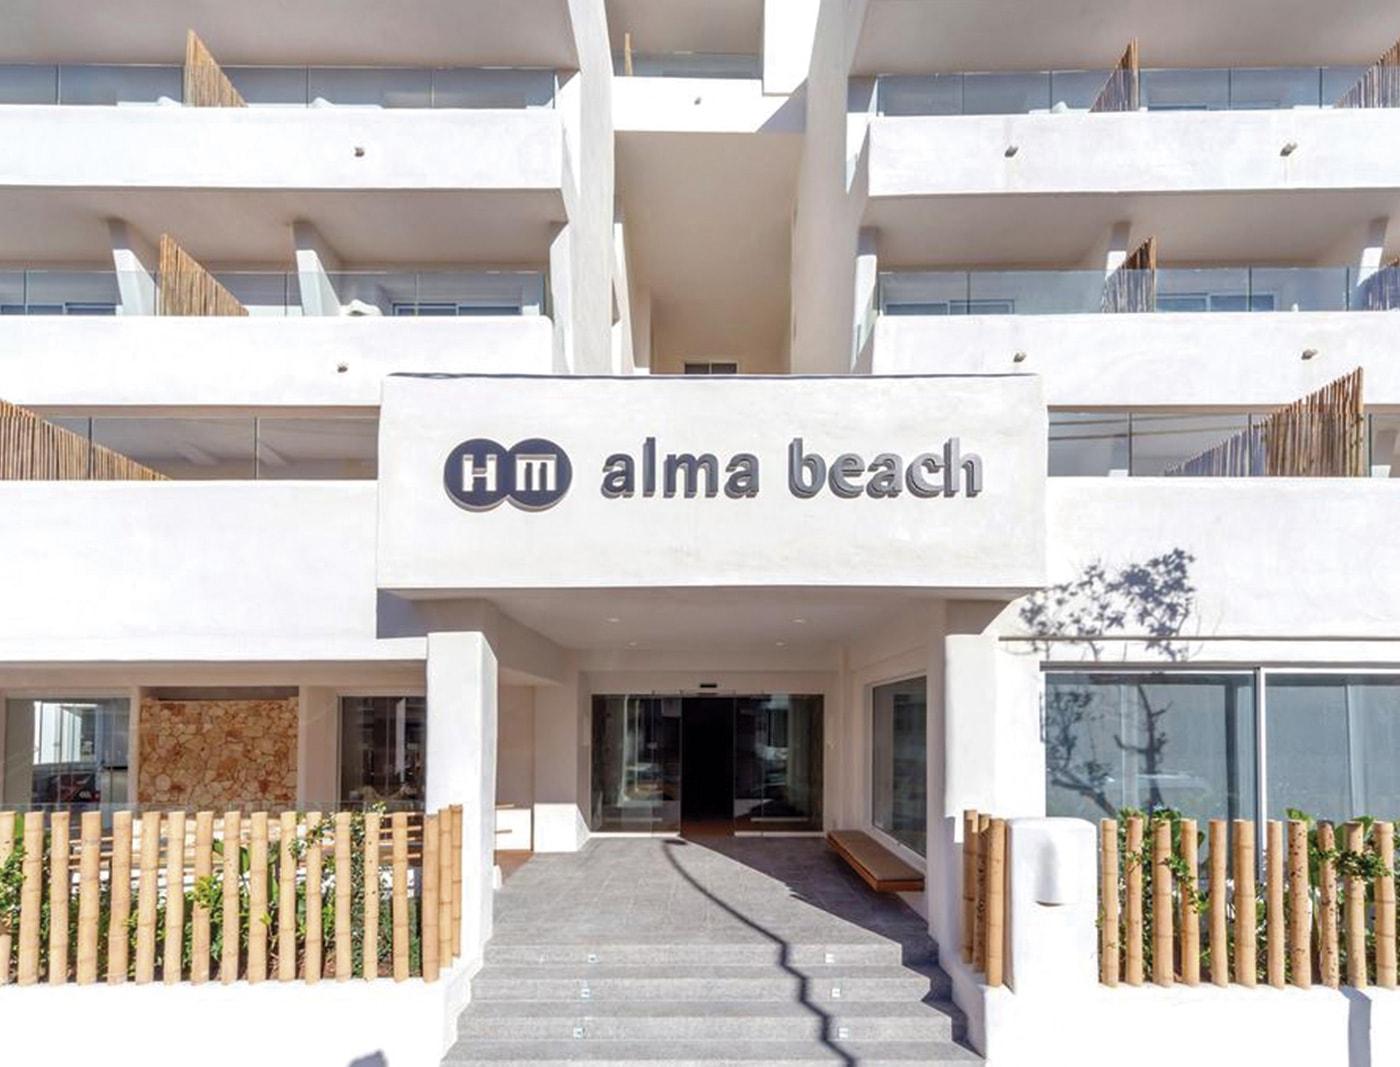 Hotel HM Alma Beach Can Pastilla